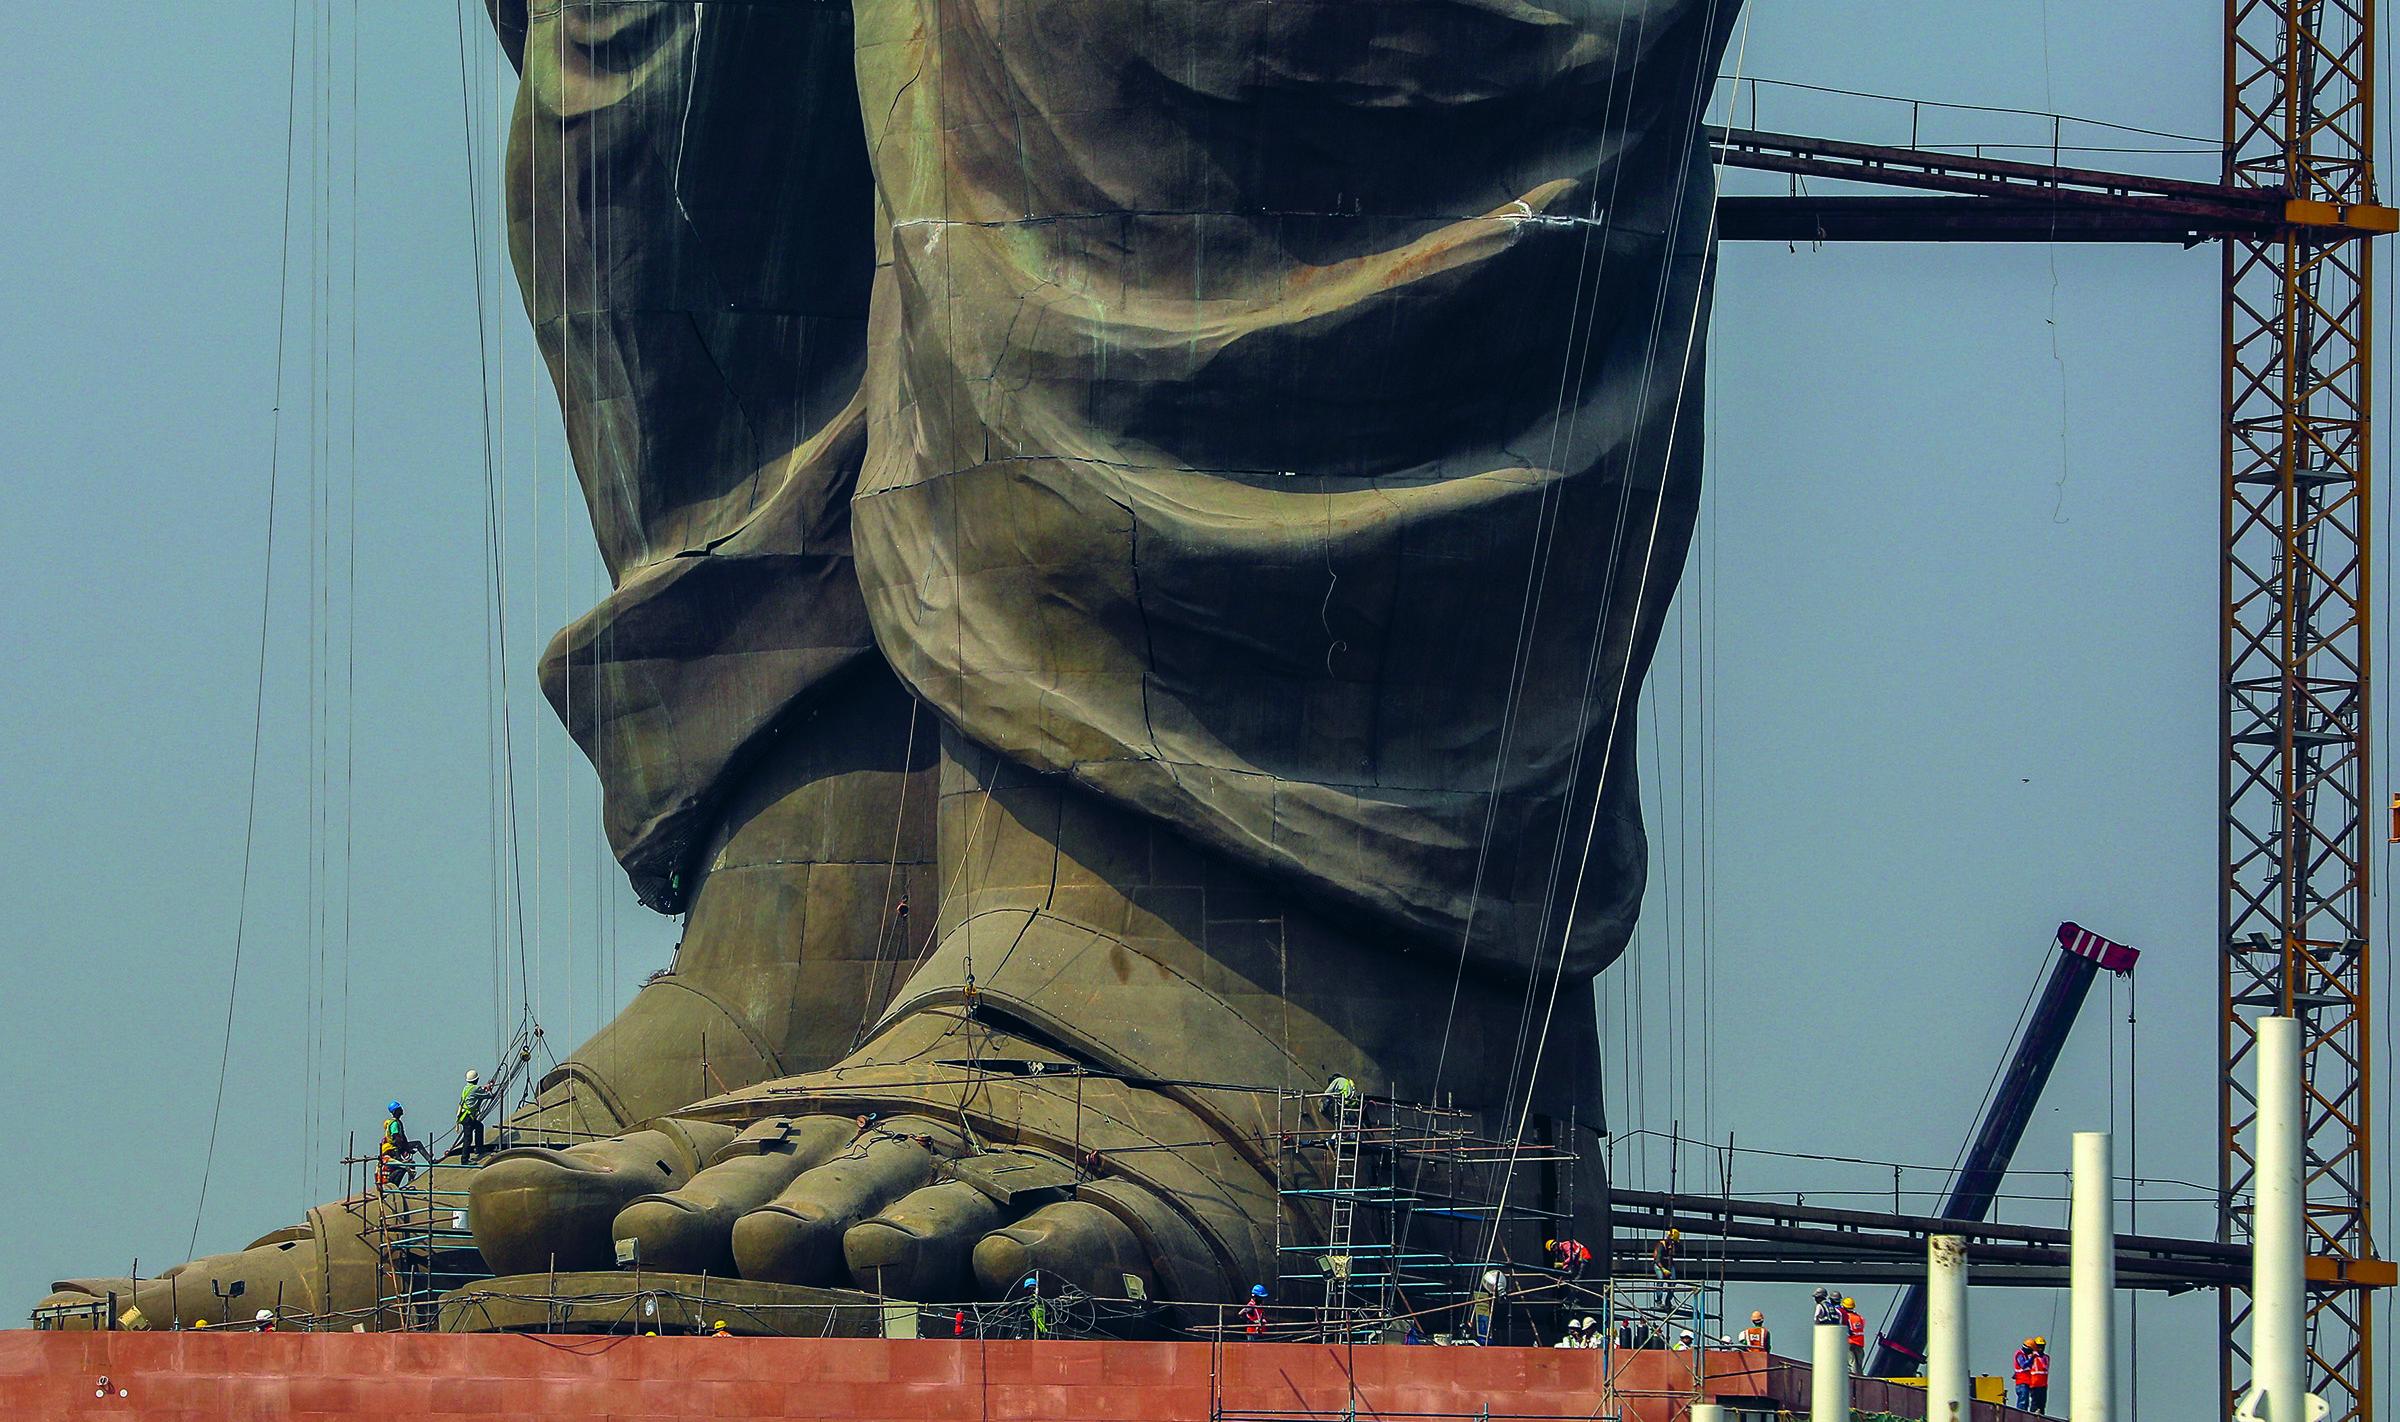 Gujaratin osavaltioon valmistui lokakuussa 2018 Intian itsenäistymisvuosien suurmiestä Sardar Vallabhbhai Patelia esittävä 182-metrinen patsas. Kuva: Divyakant Solanki / EPA / All Over Press